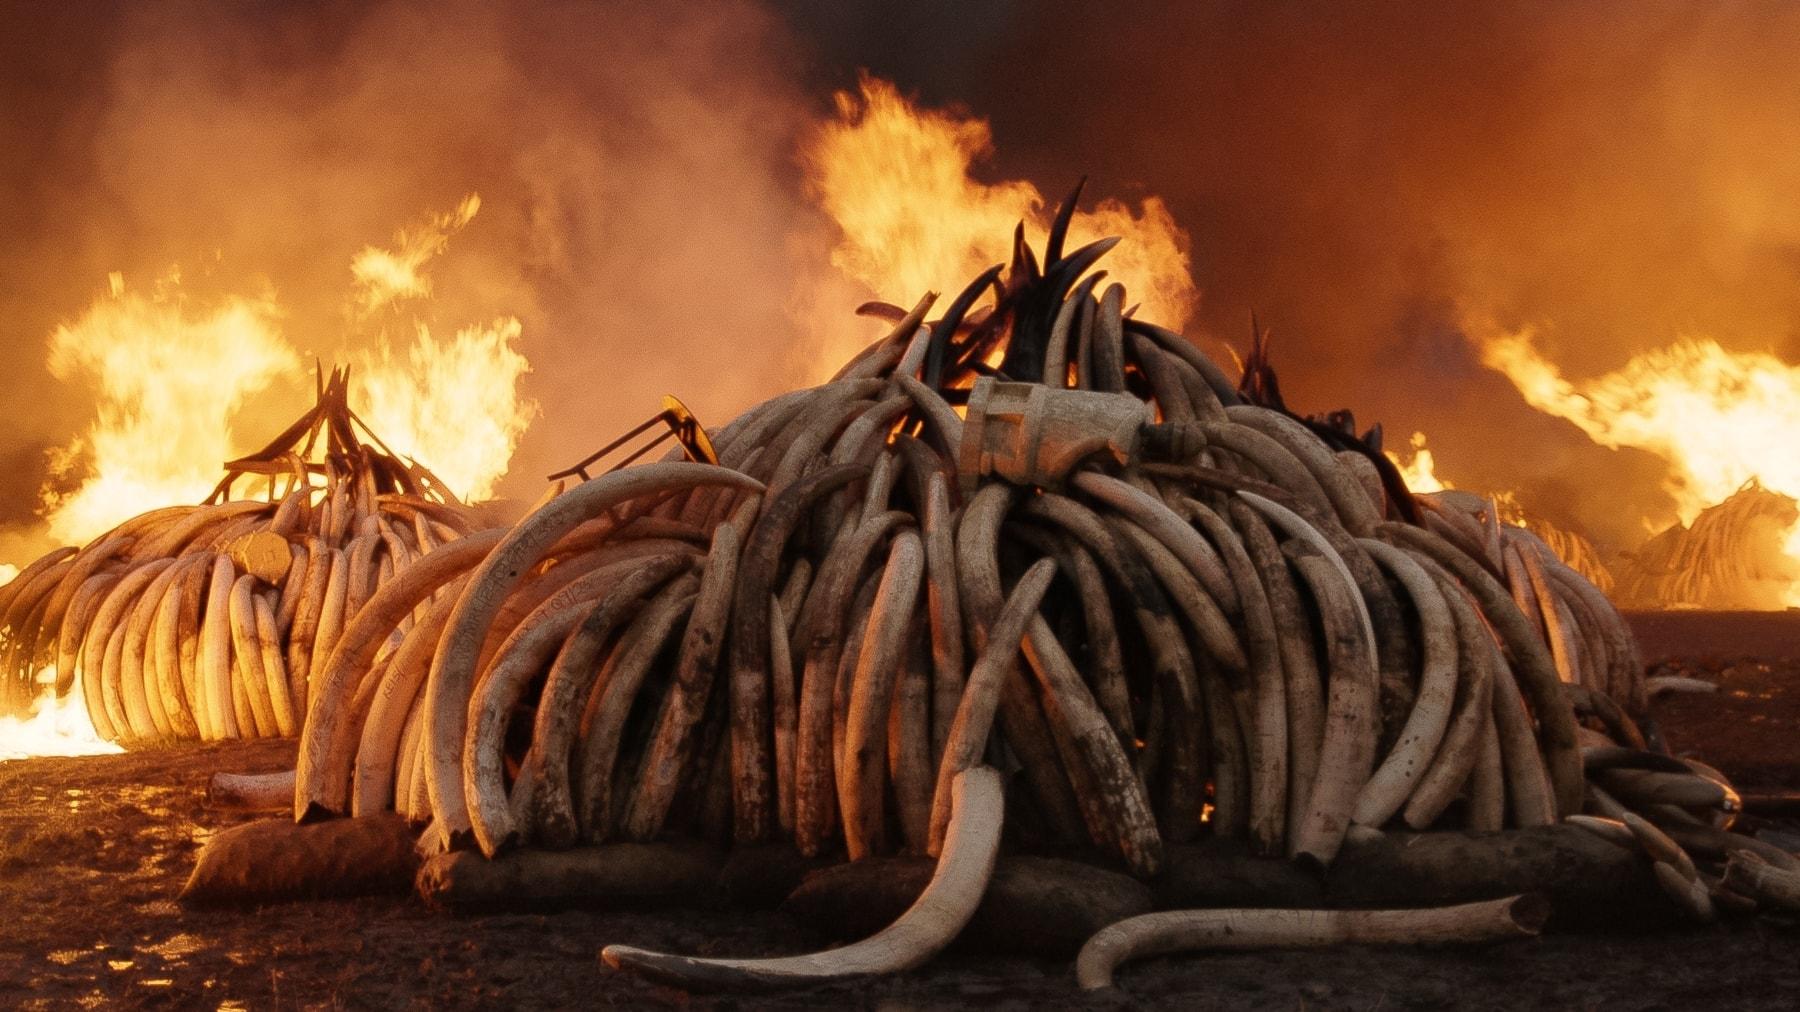 Vi reder ut Antropocen, människans epok – och kastar oss in i Sivan Divans värld